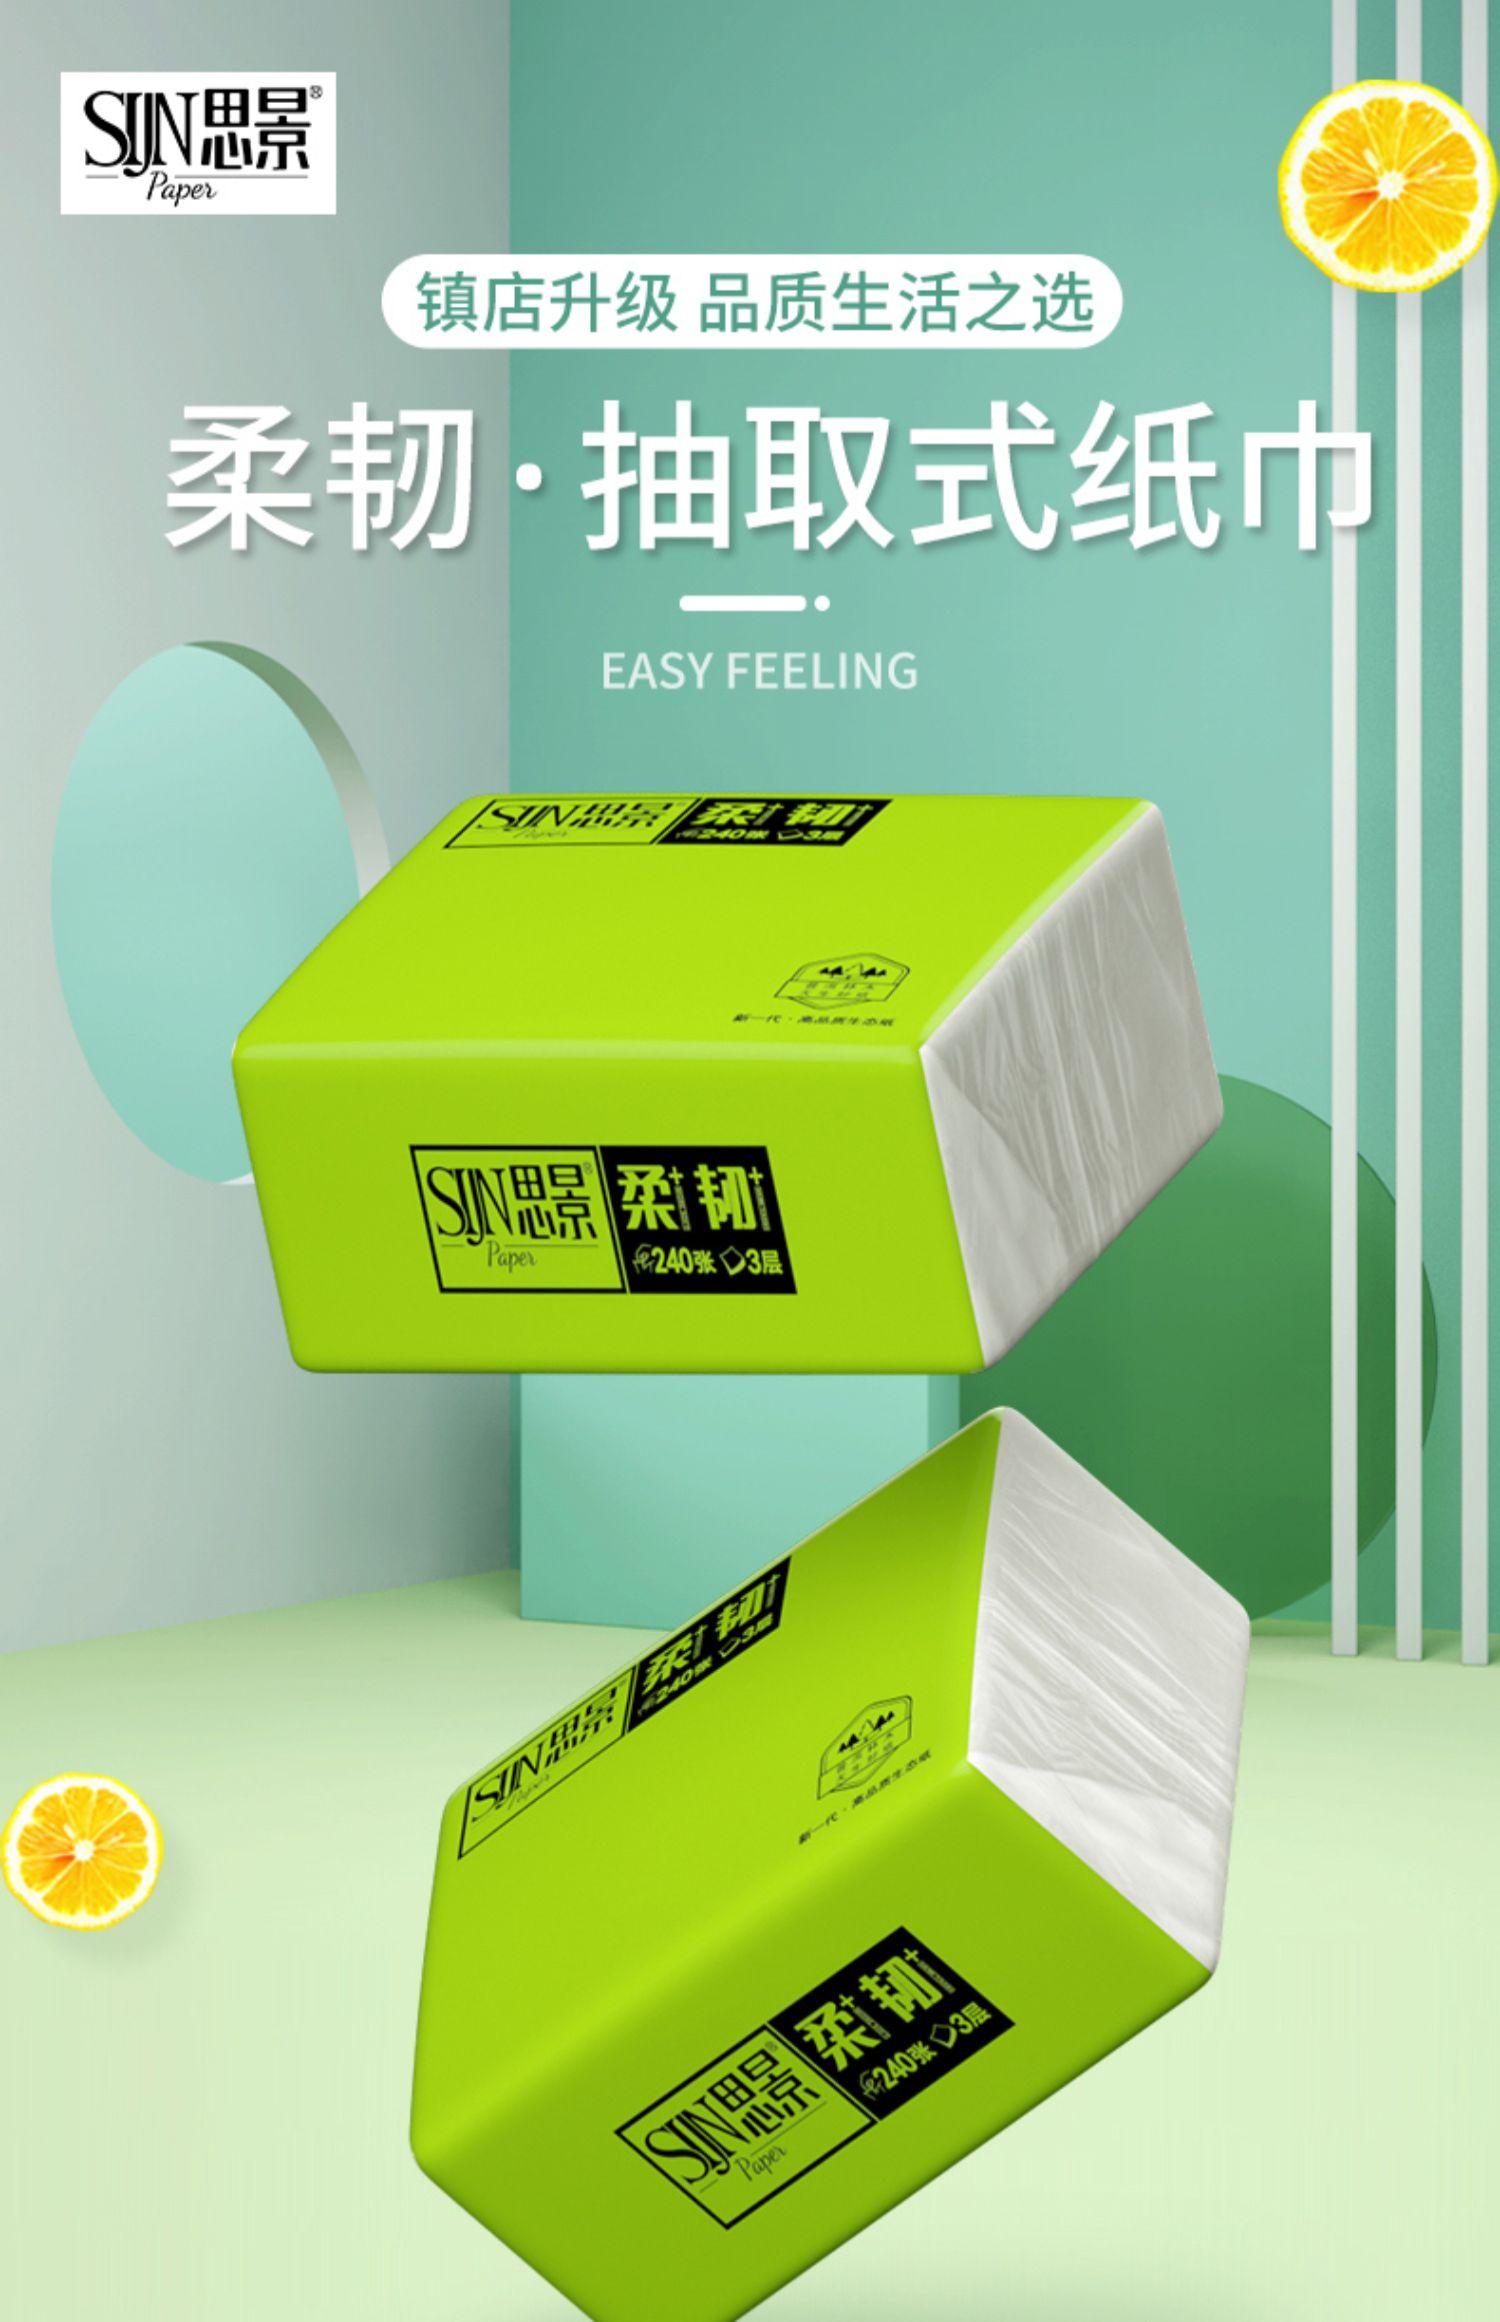 思景抽纸整箱家用实惠装婴儿卫生纸